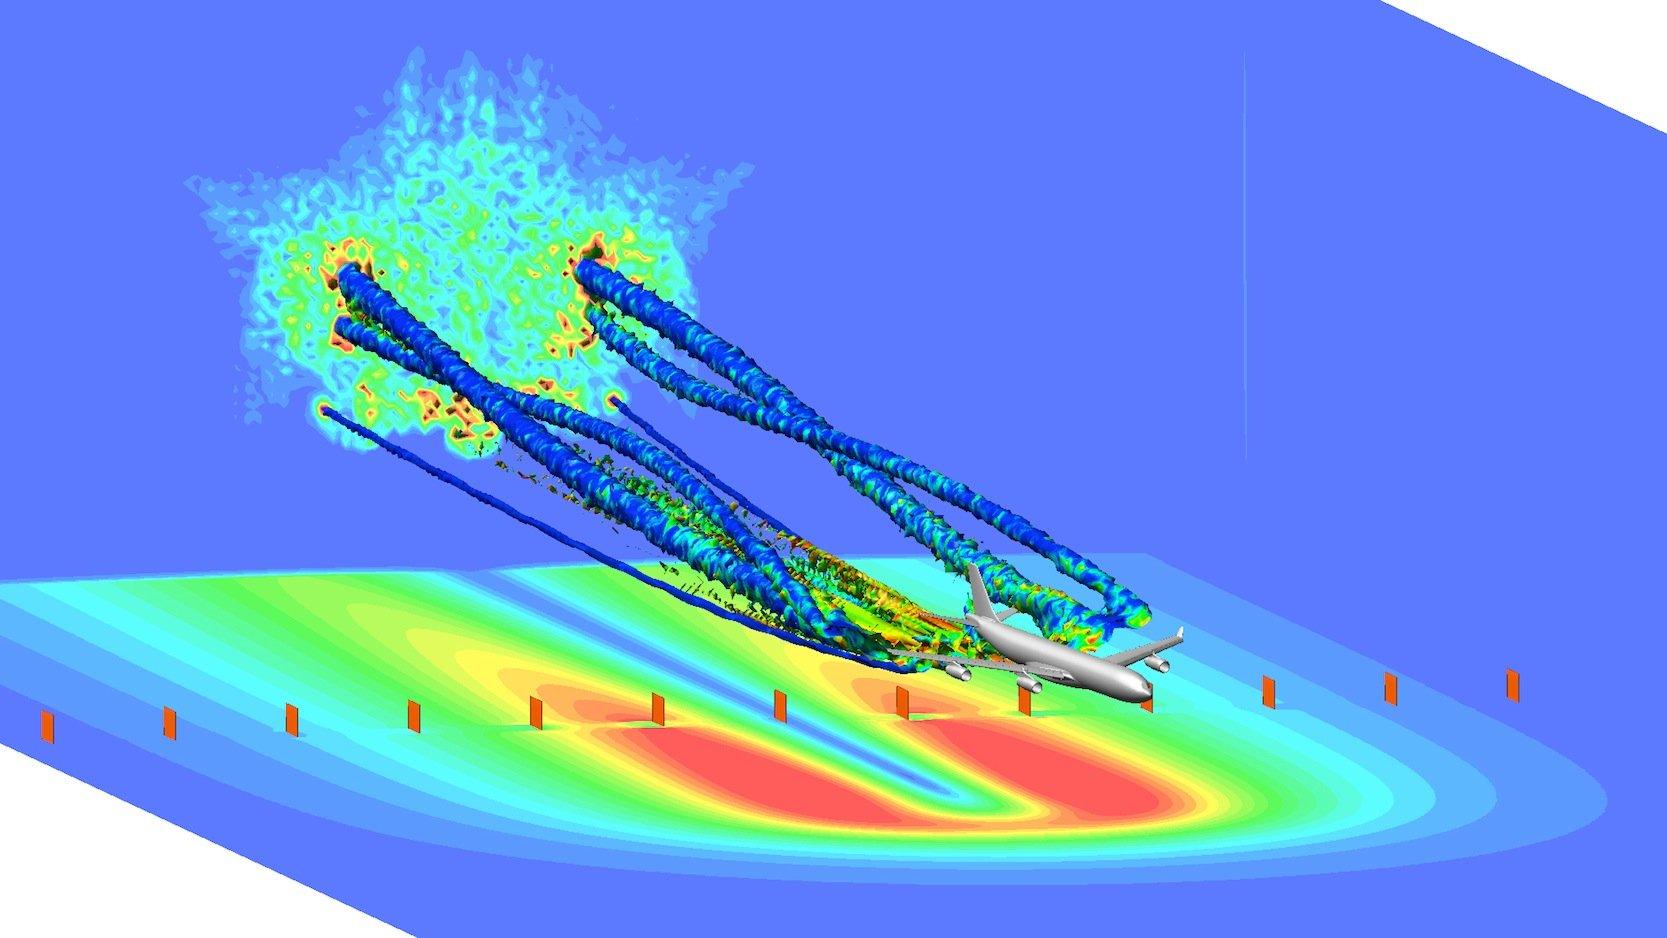 Wirbelschleppensimulation für einen Airbus A340 im Endanflug kurz vor der Landebahn: Mit Hilfe von Plattenreihen am Boden will das DLR die Wirbel schneller auflösen.